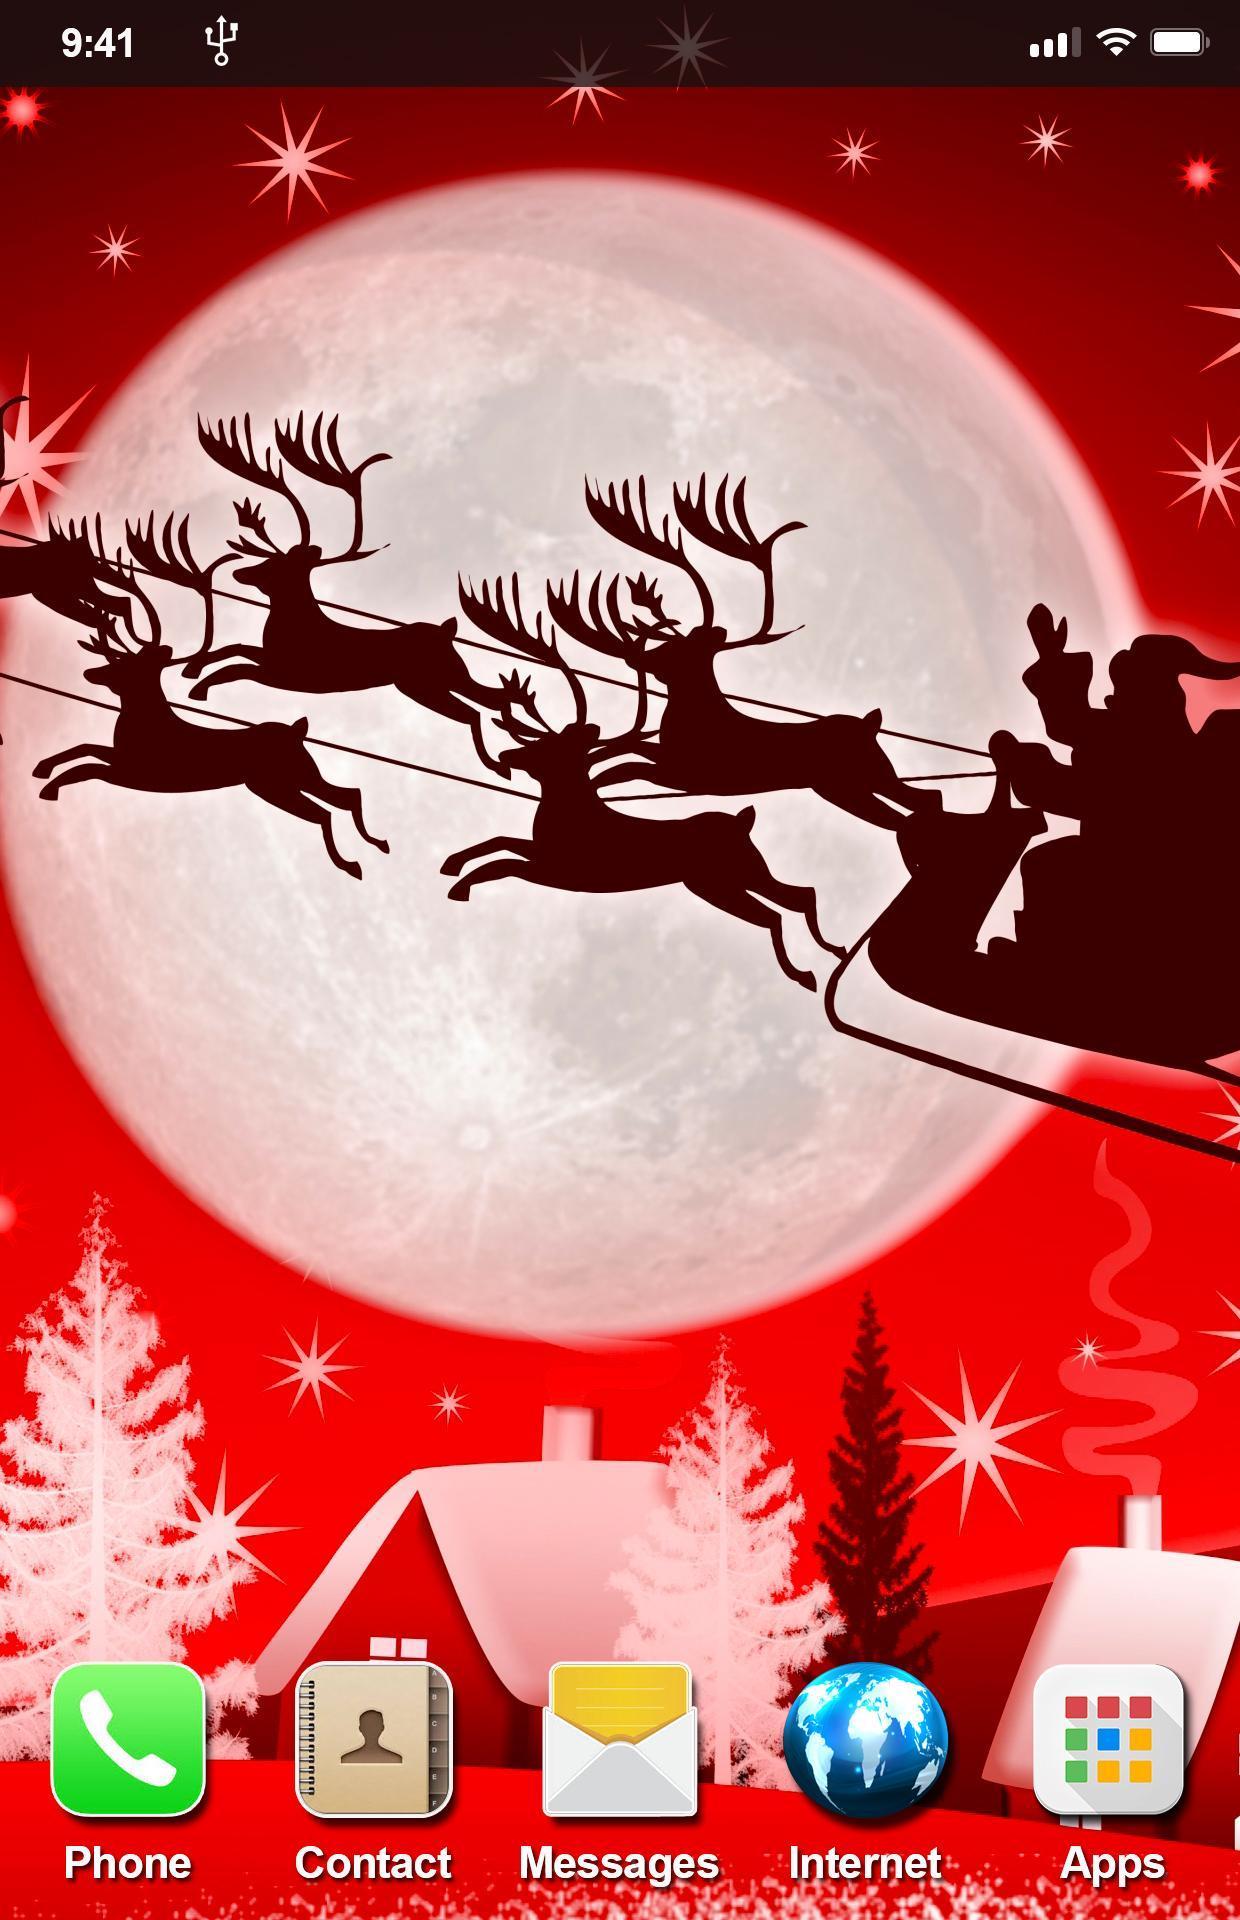 Christmas Hd Wallpaper For Android.Christmas Hd Wallpaper Shiny Christmas Wallpaper For